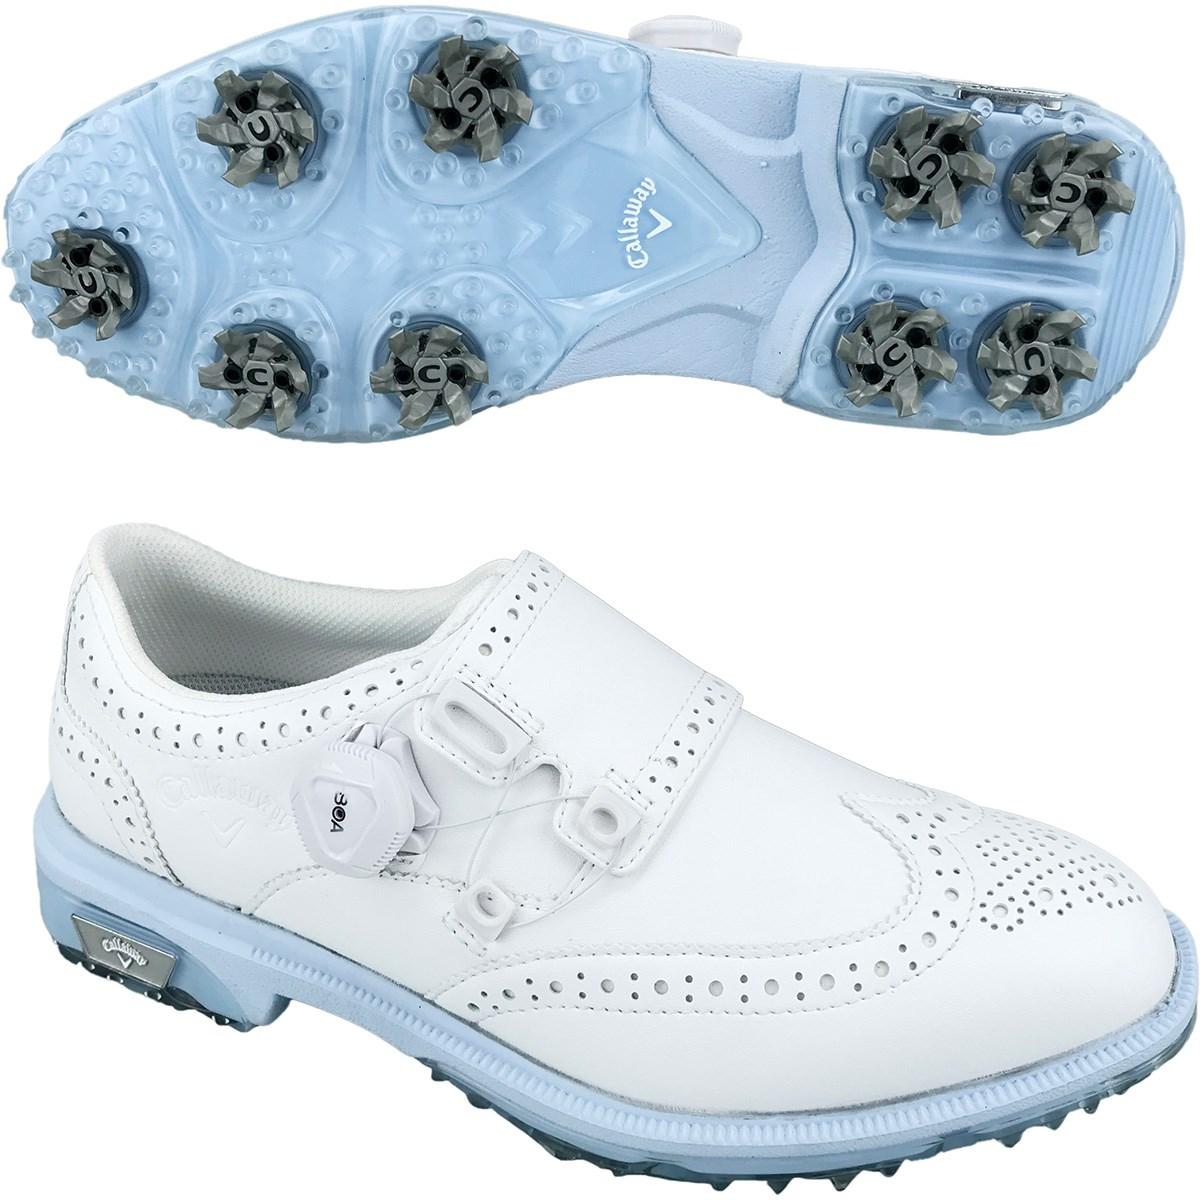 キャロウェイゴルフ Callaway Golf TOURPRECISION BOA ゴルフシューズ 25cm ホワイト 030